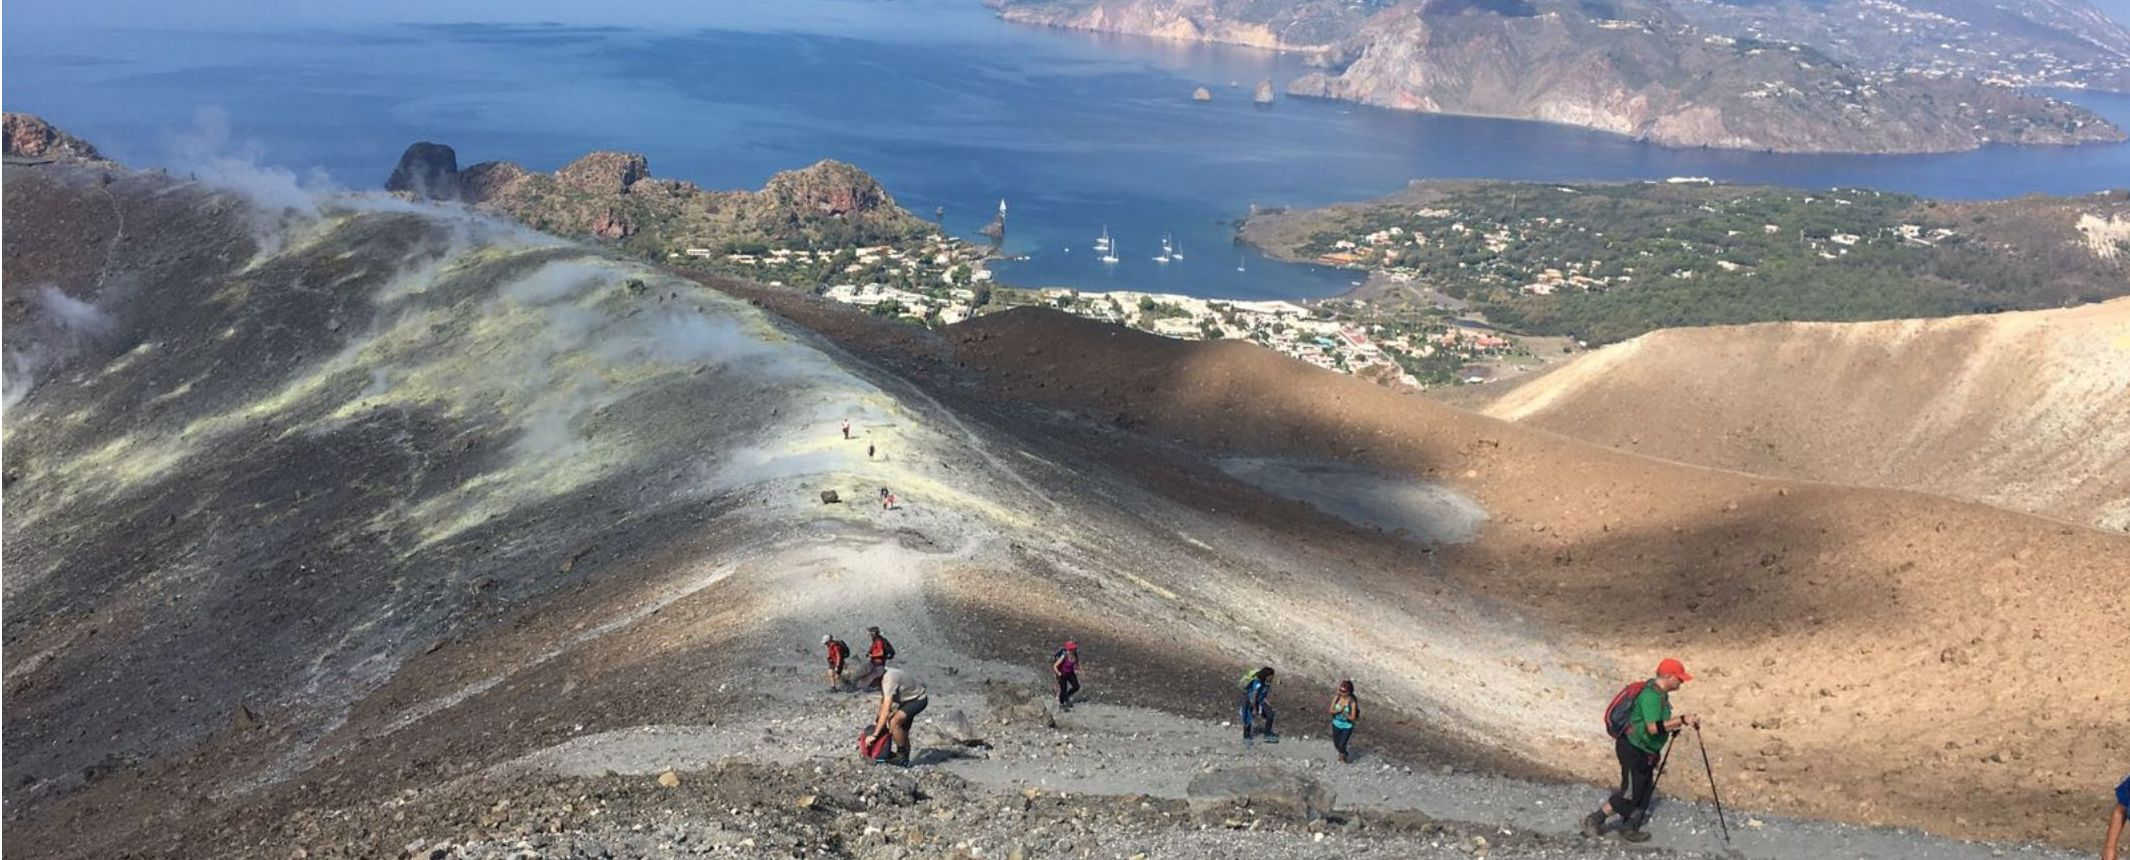 Autor foto: Montse Arbos - Senderismo en los volcanes de Sicilia e Islas Eolias